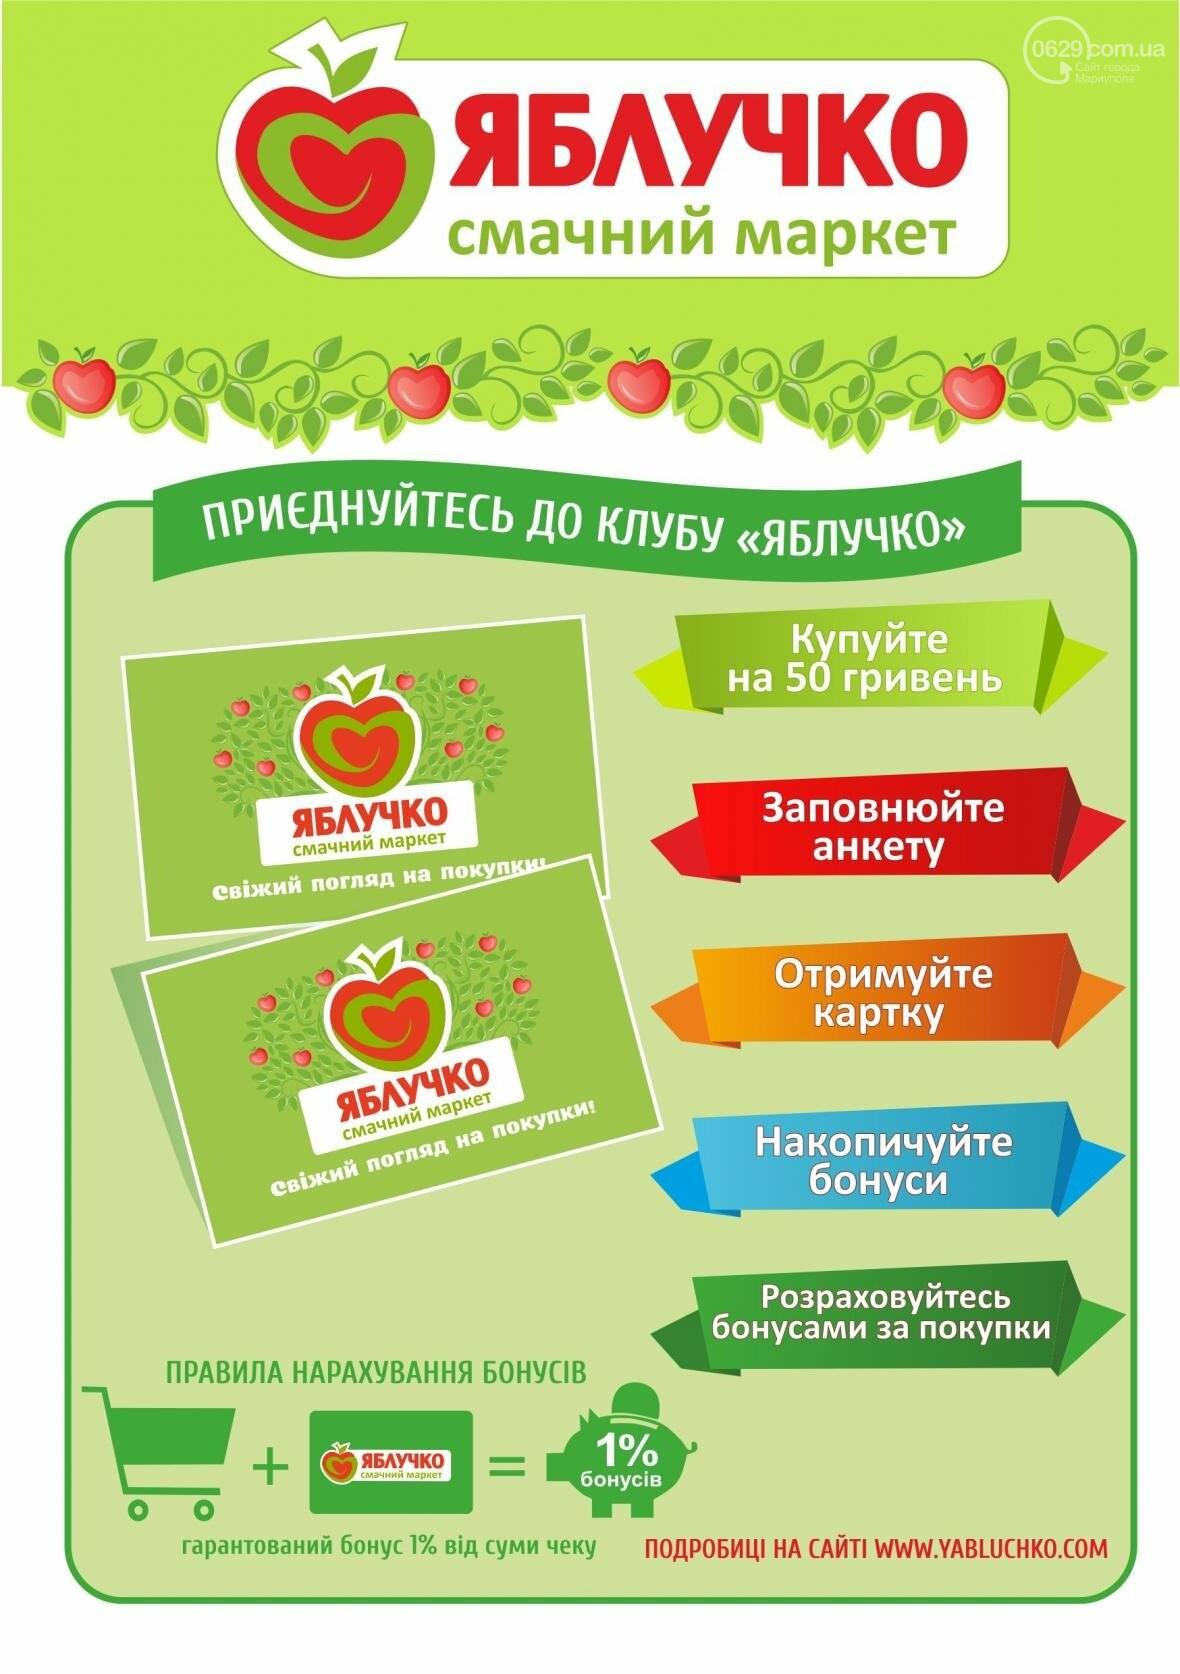 Торговая сеть «Яблочко» поздравляет с Днем торговли, фото-13